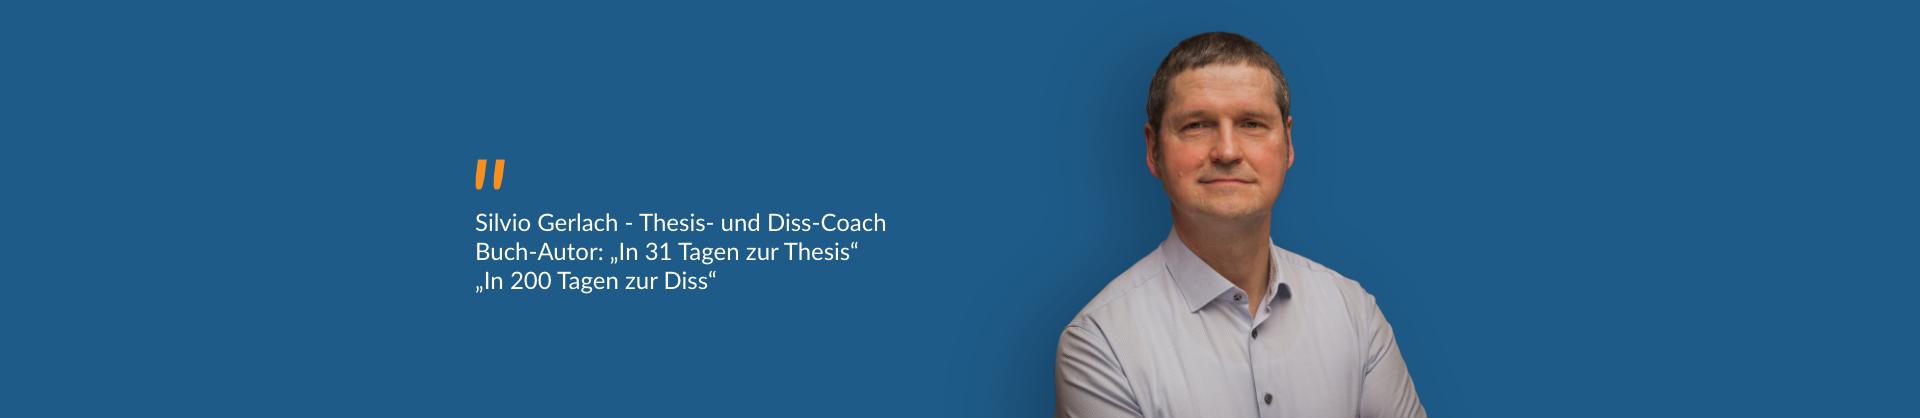 Persönliches Coaching für die Dissertation - professionell, schnell, legal